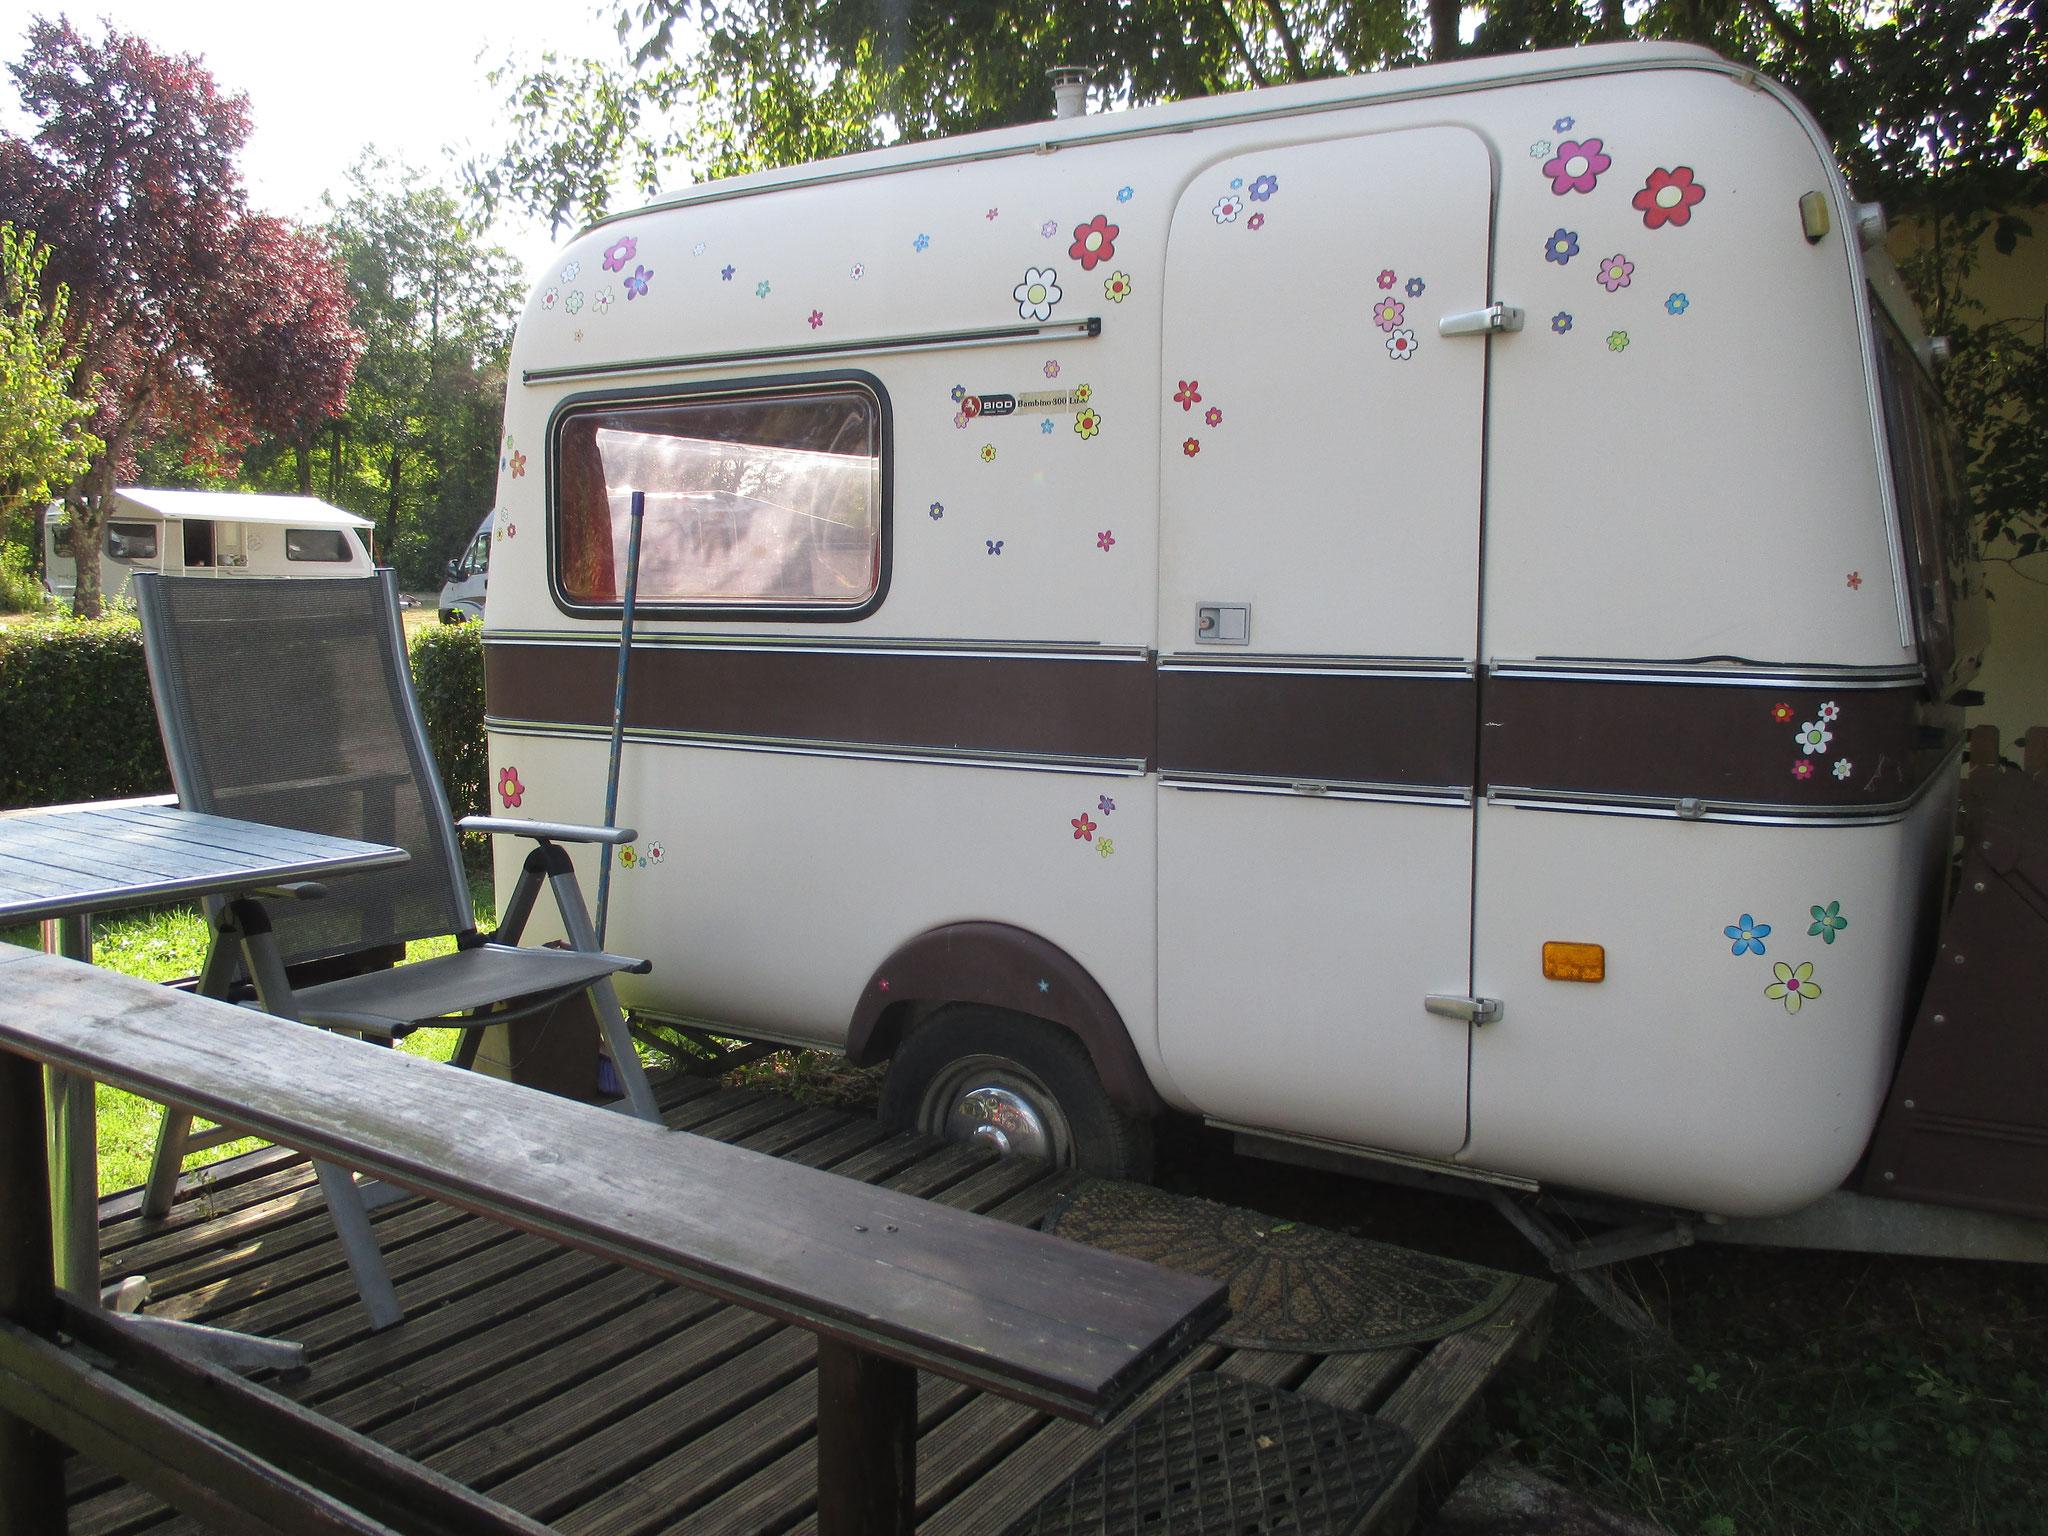 Chaumot, location d'une caravane, 20 euros la nuit, très bien